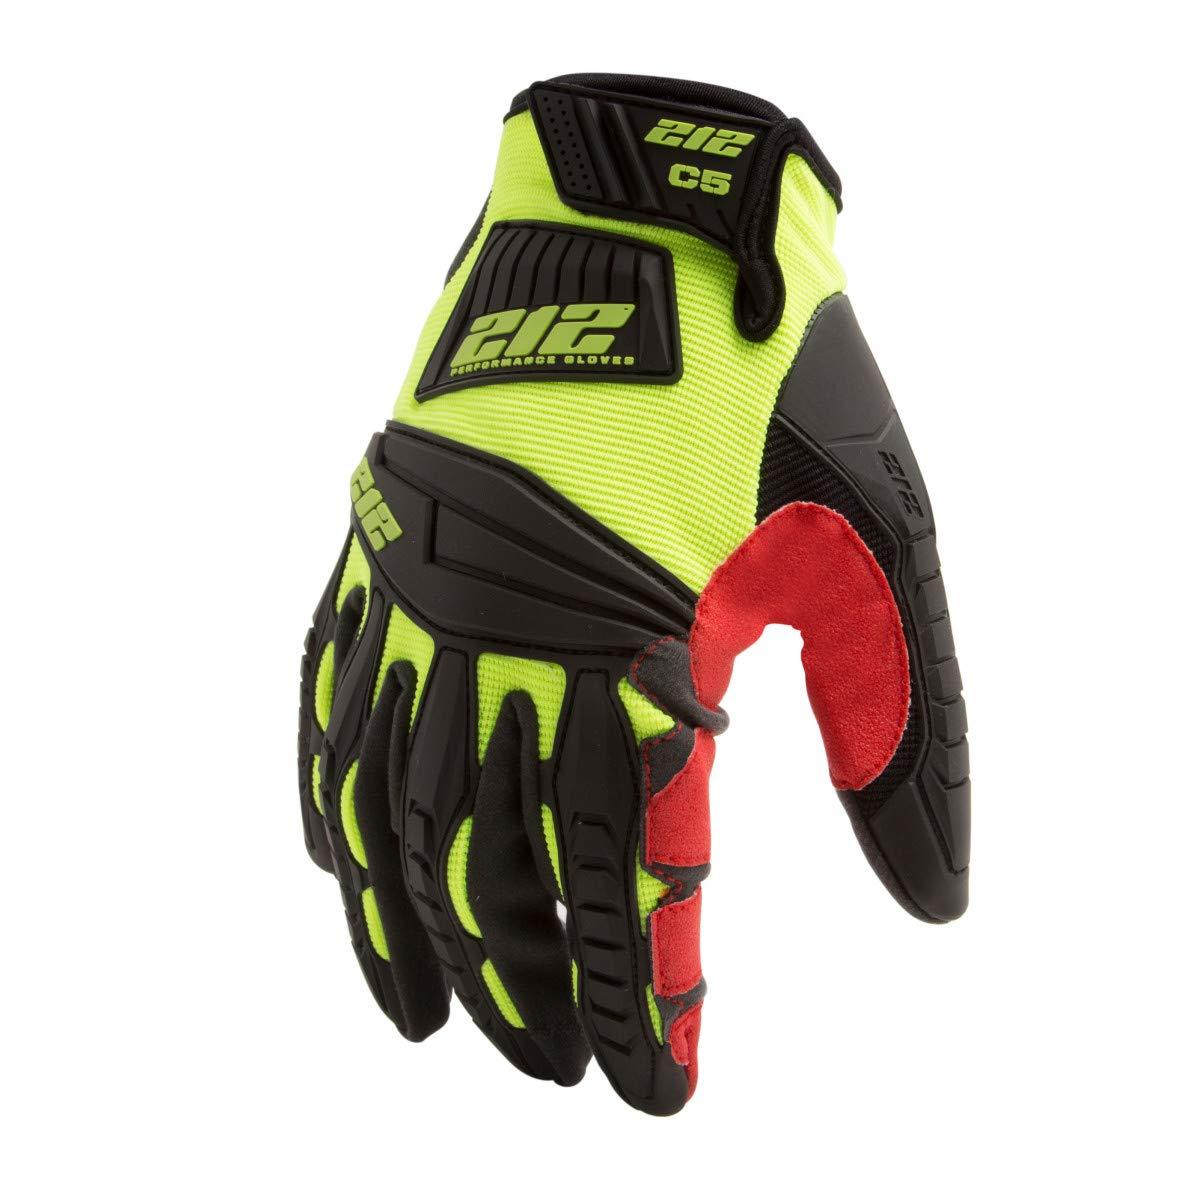 212 Performance Gloves IMPC5-88-009 Super Hi-Vis Cut Resistant Gloves (EN Level 5, ANSI A4), Medium